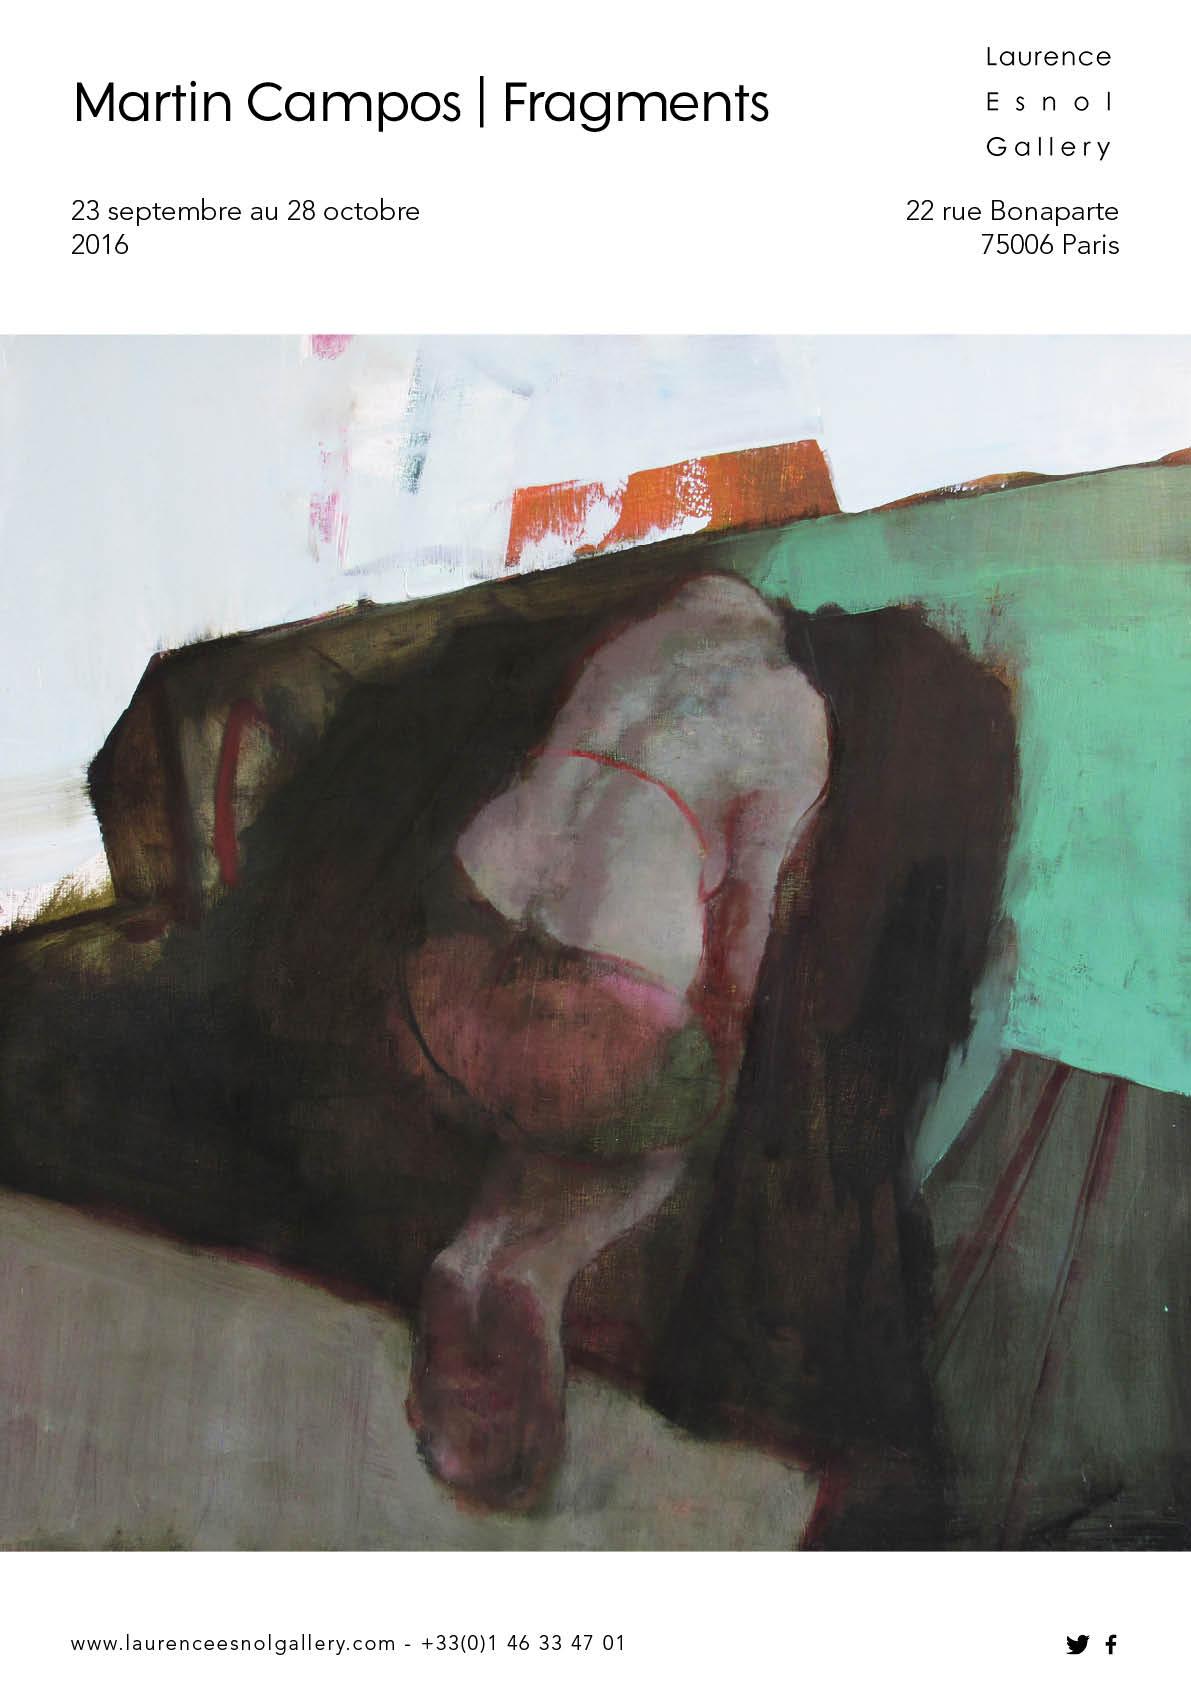 Martin Campos | Fragments